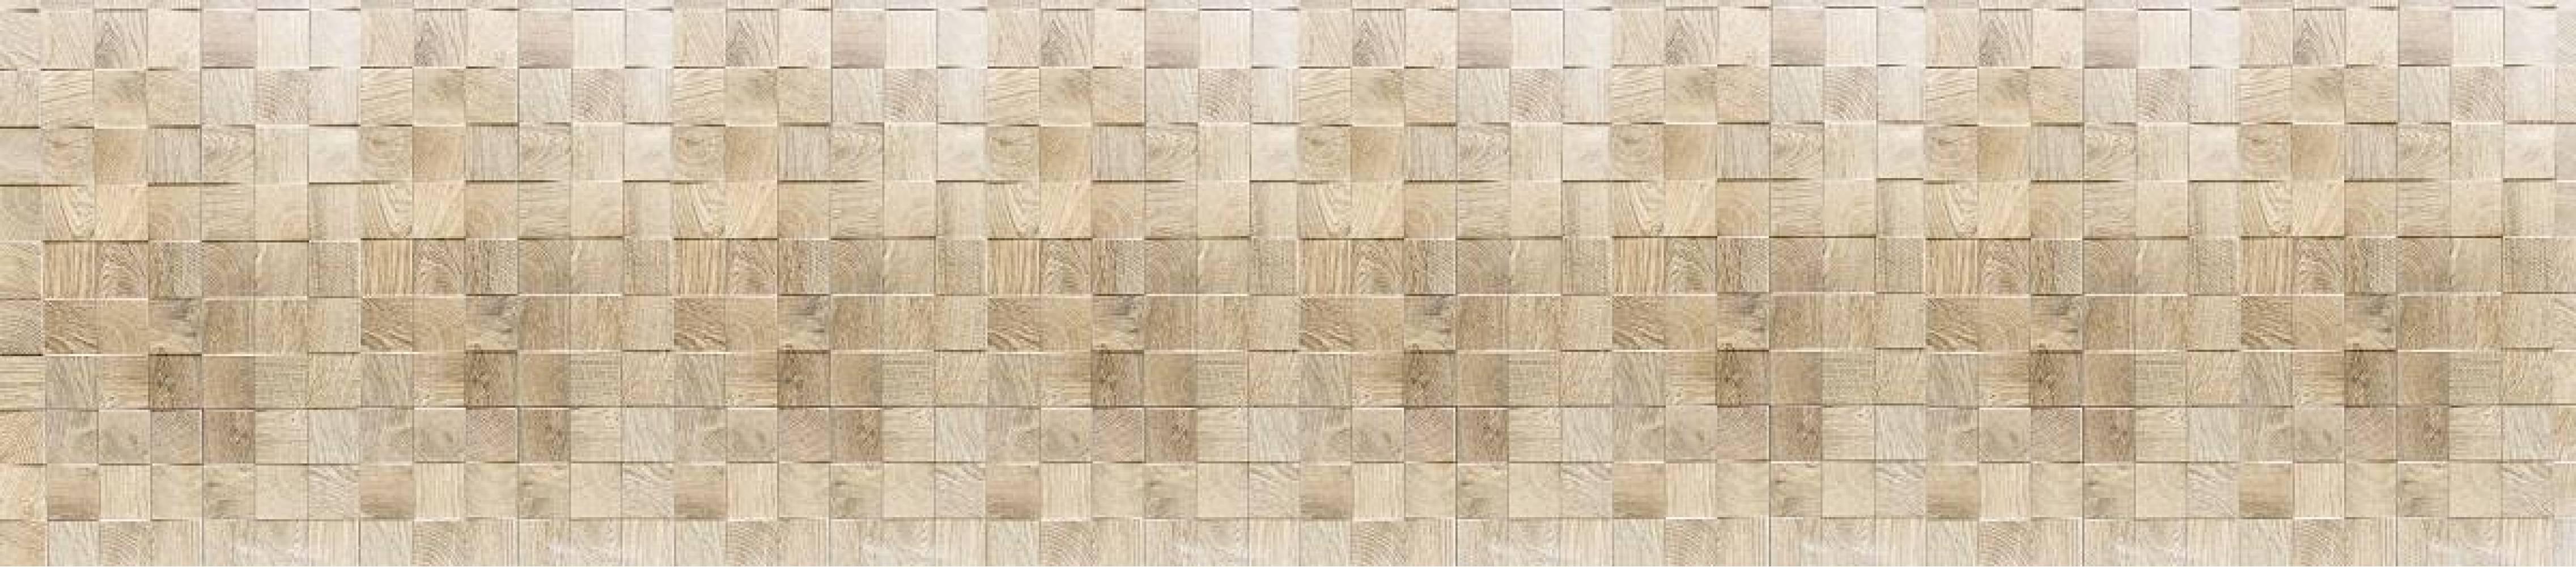 Кухонная панель 2800 мм AL-11 Деревянная плитка Матовая ALDIO